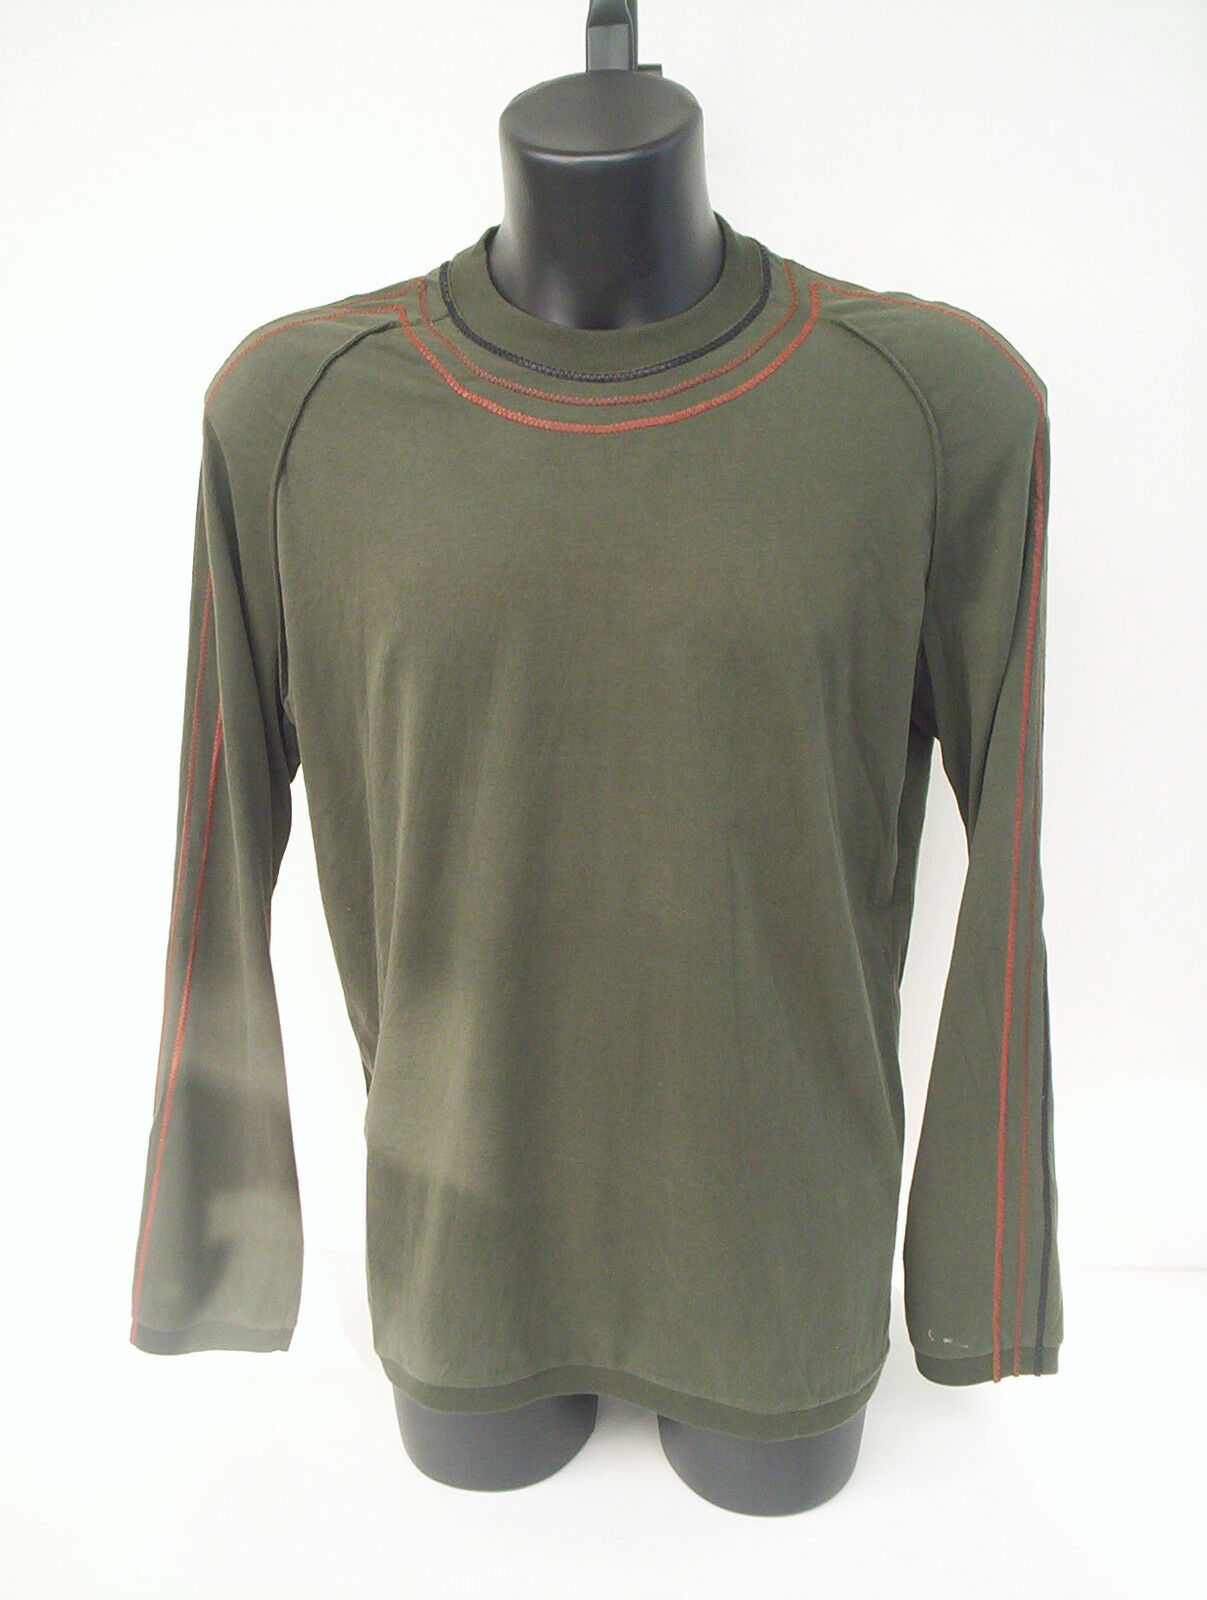 T-hemd Roberto Cavalli,Farbe Grün bottiglia con inserti in pelle,tg